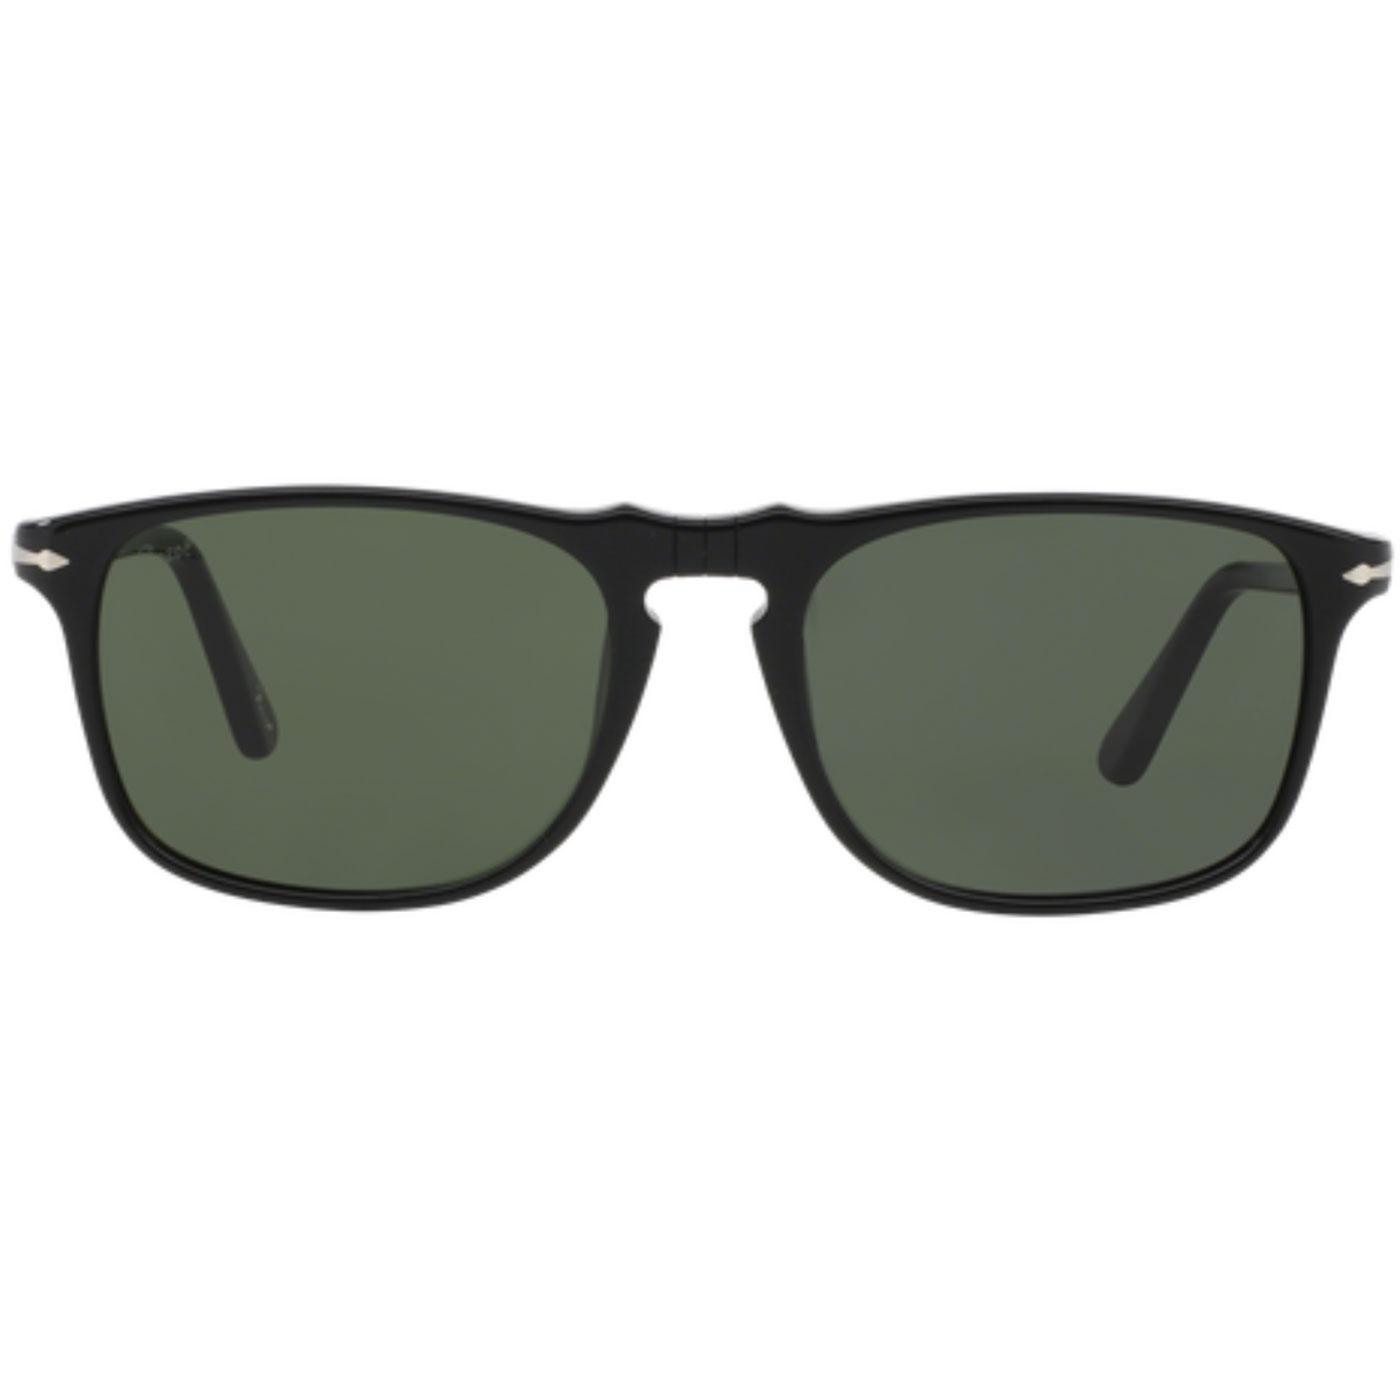 PERSOL Men's Retro 60s Squared Sunglasses Black